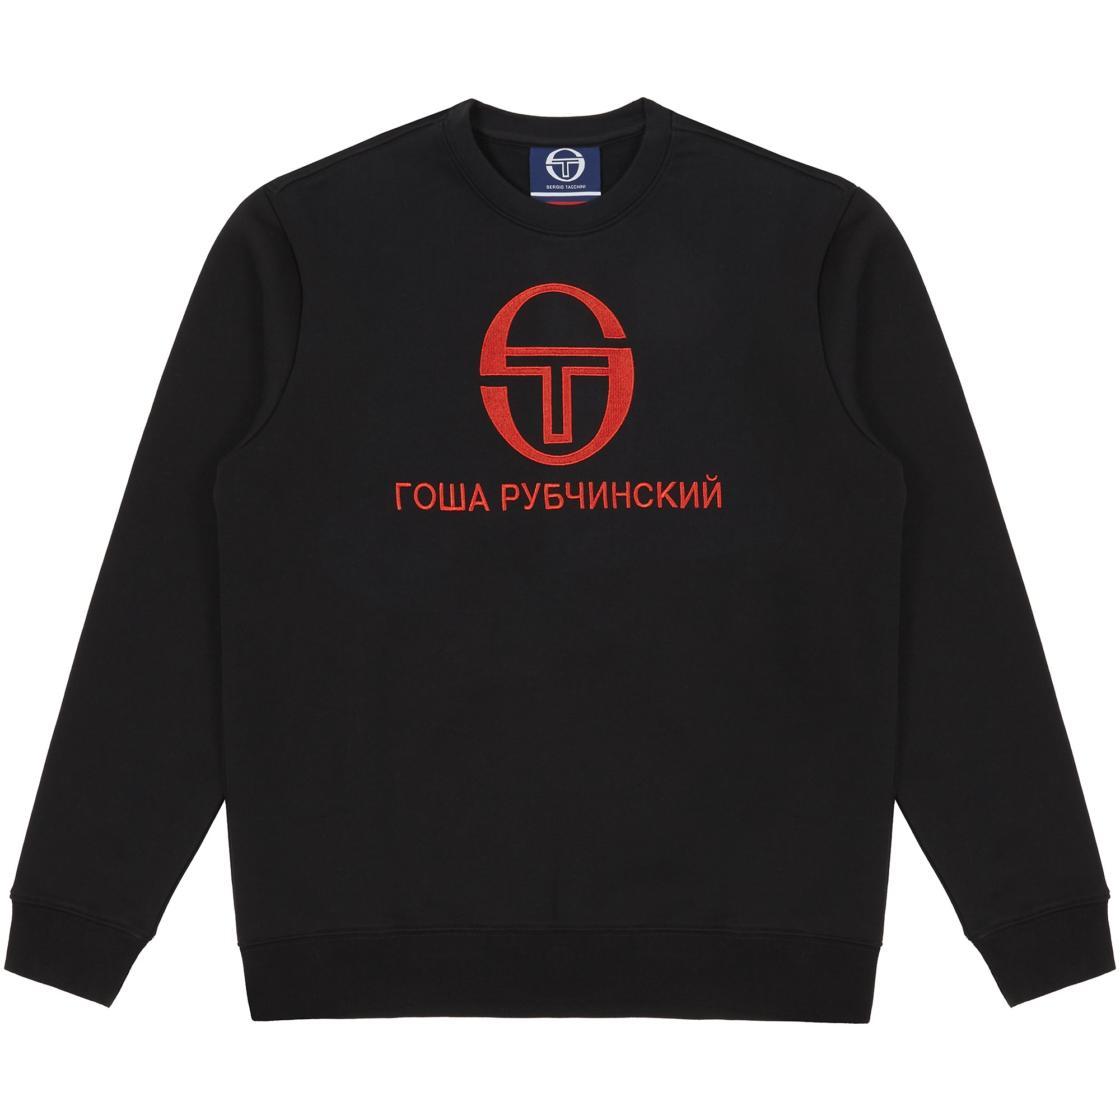 adidas x gosha rubchinskiy jumper